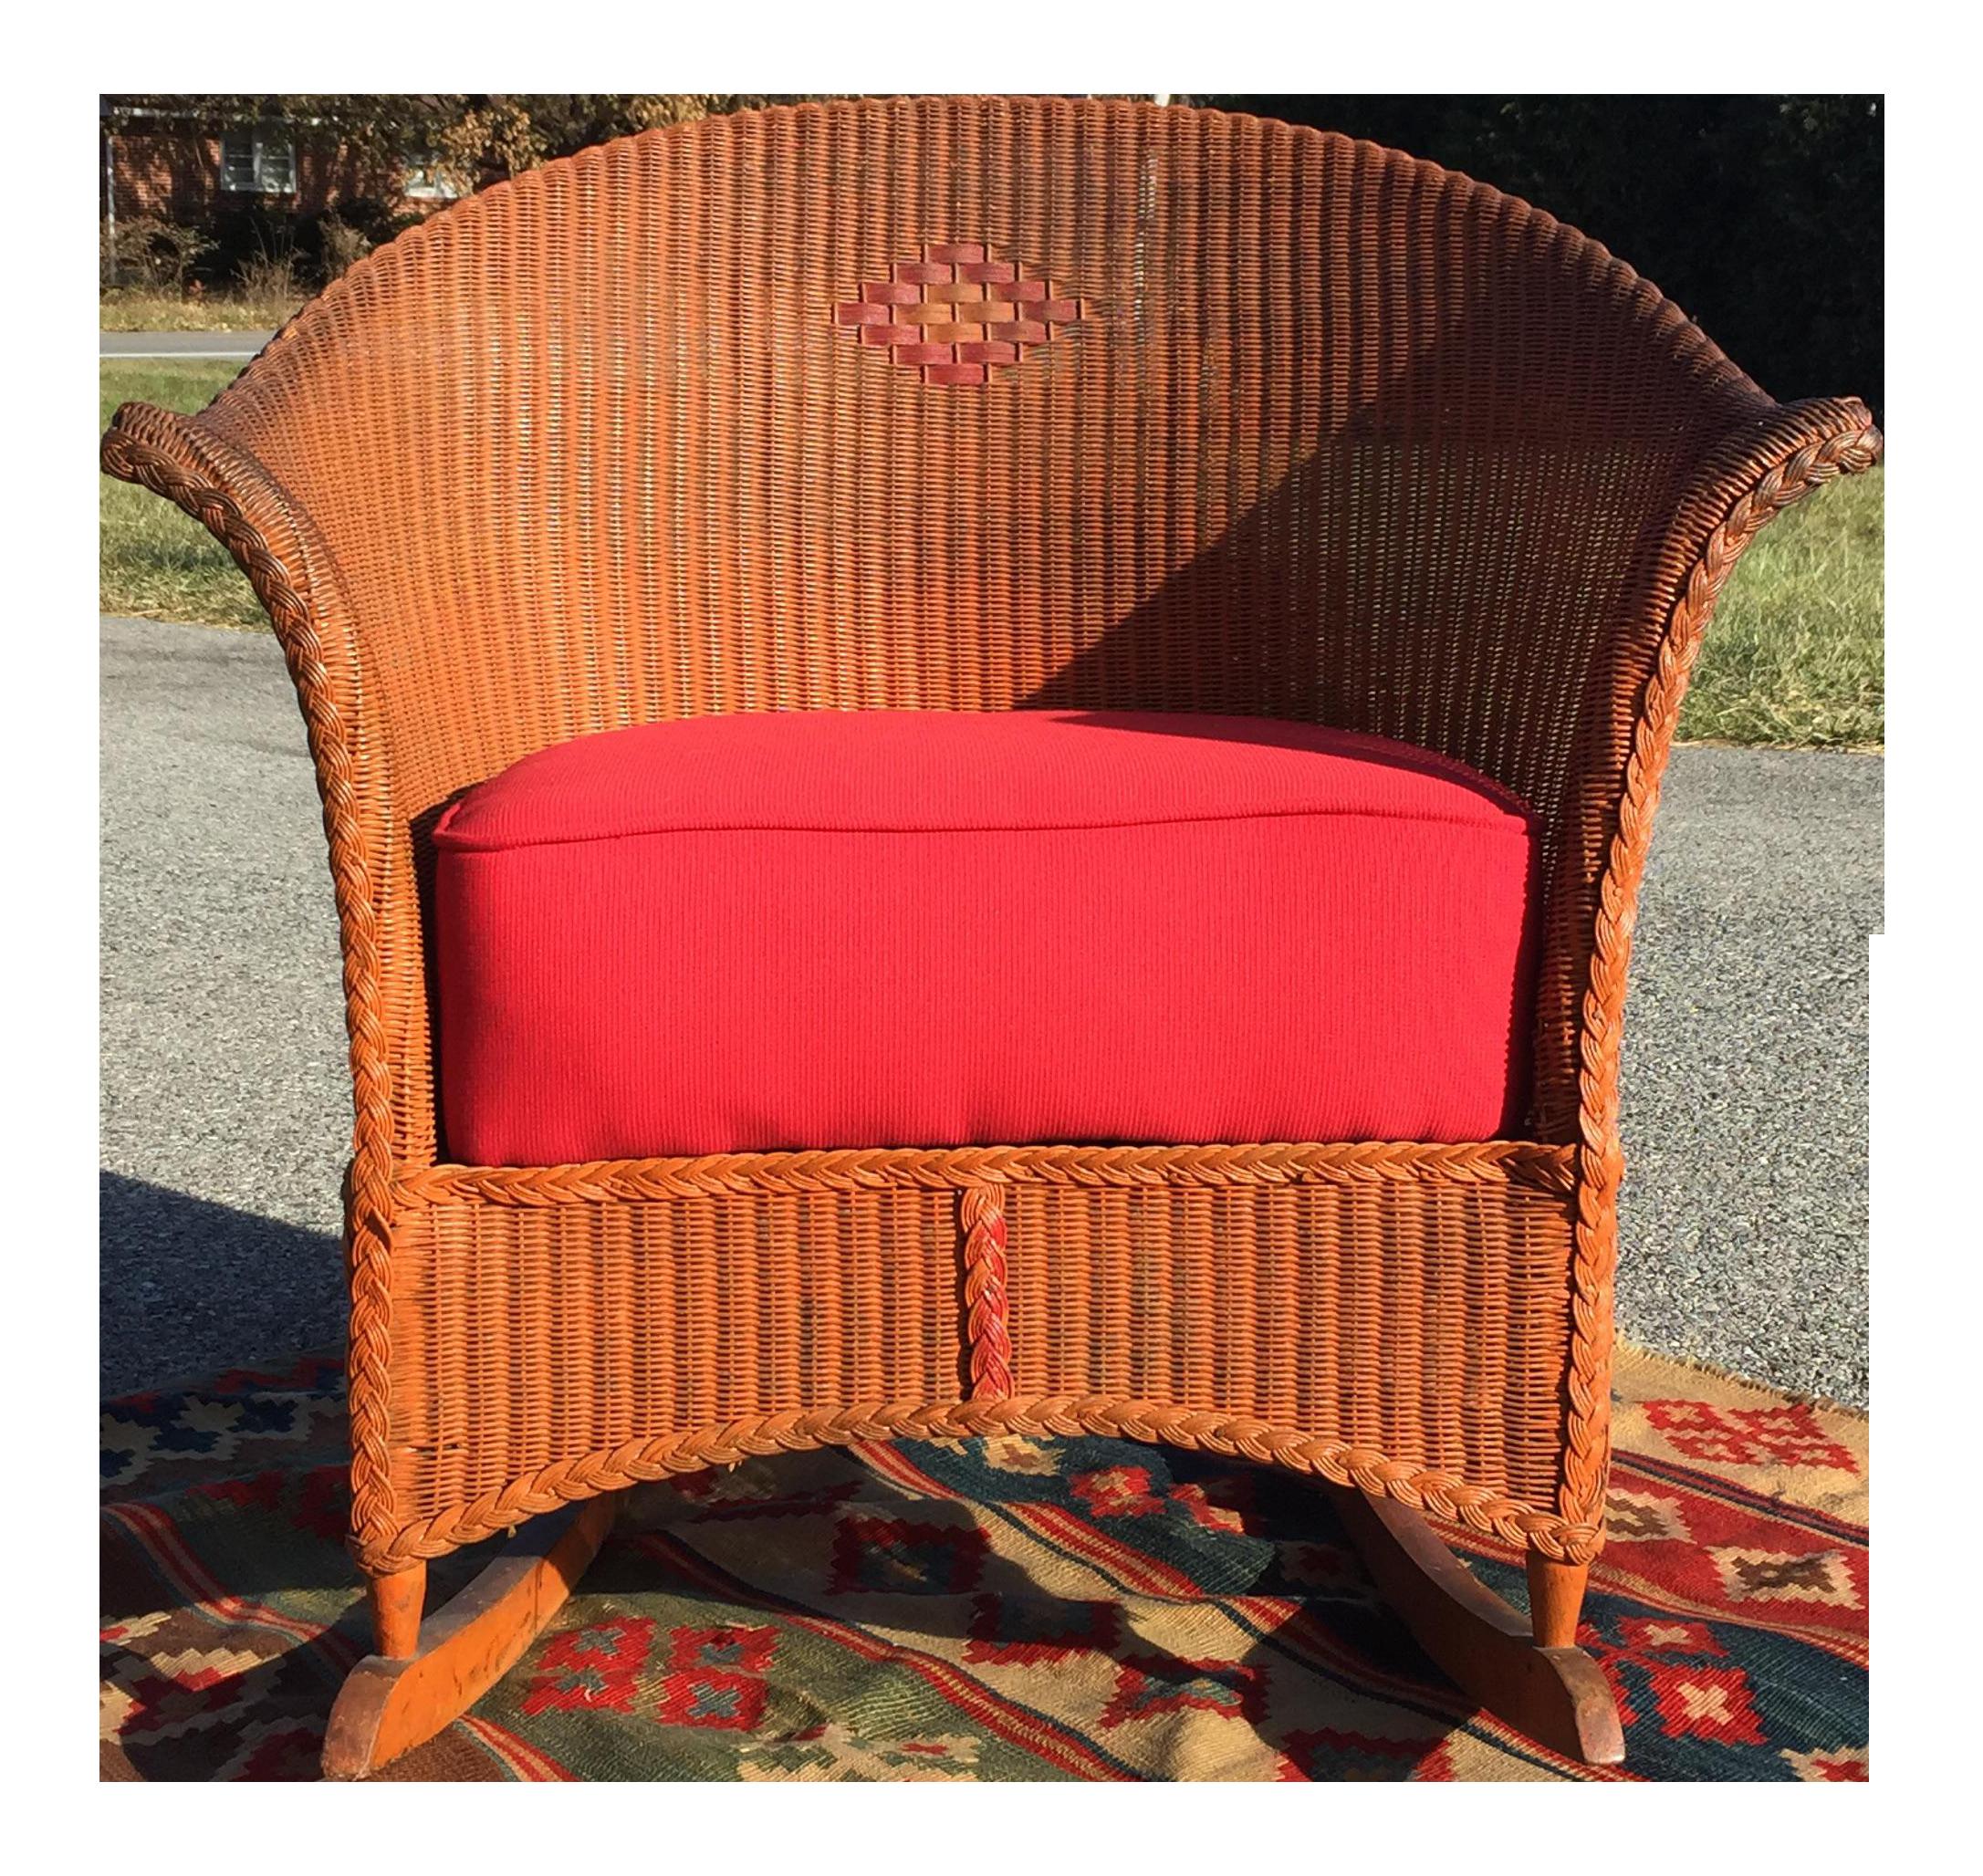 1920 30s Lloyd Loom Rocking Chair